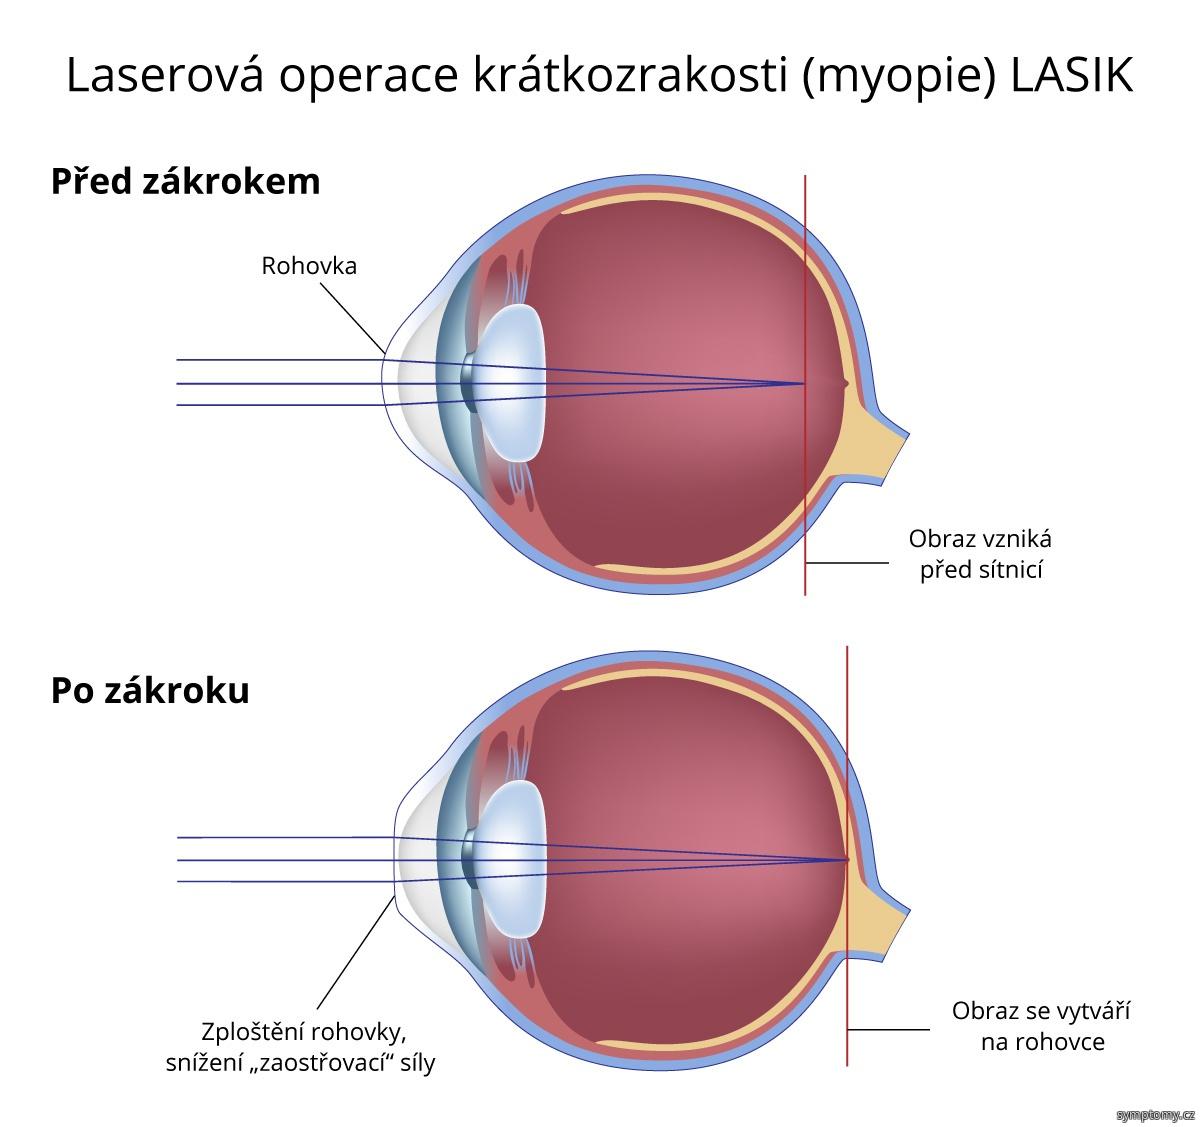 Laserová operace krátkozrakosti (myopie) - LASIK